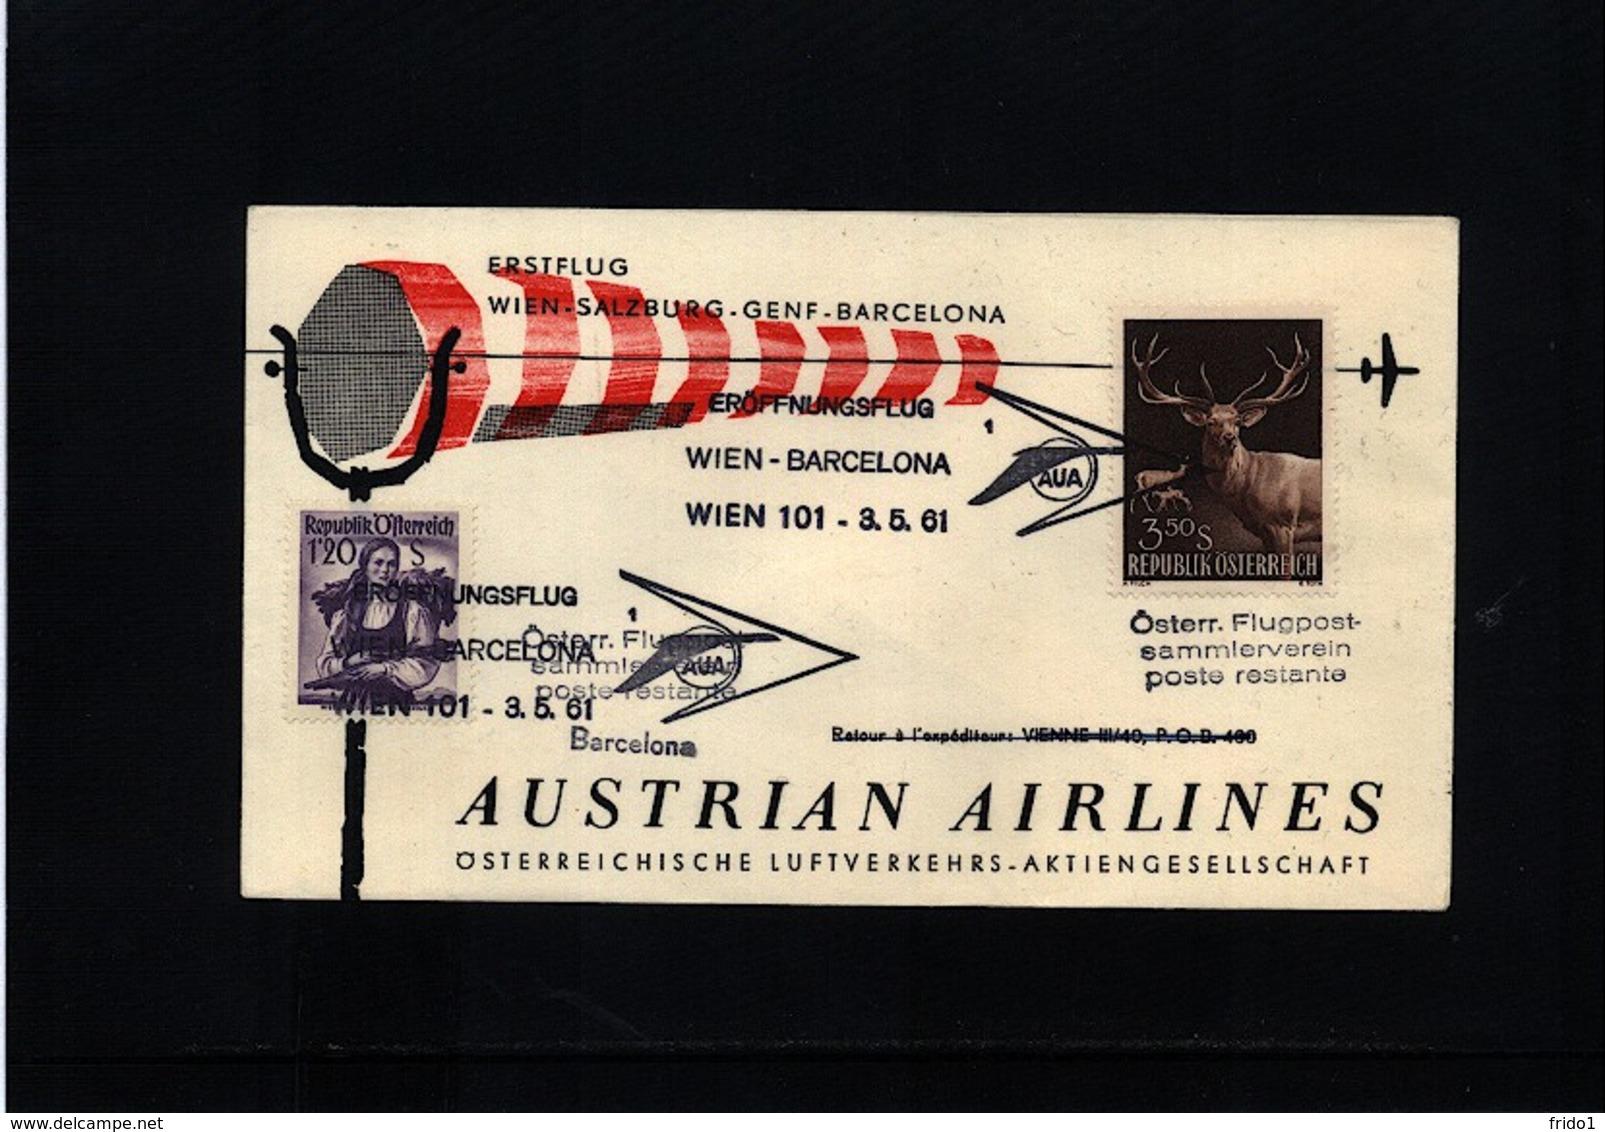 Austria / Oesterreich 1961 Austrian Airlines First Flight Wien - Barcelona - Premiers Vols AUA